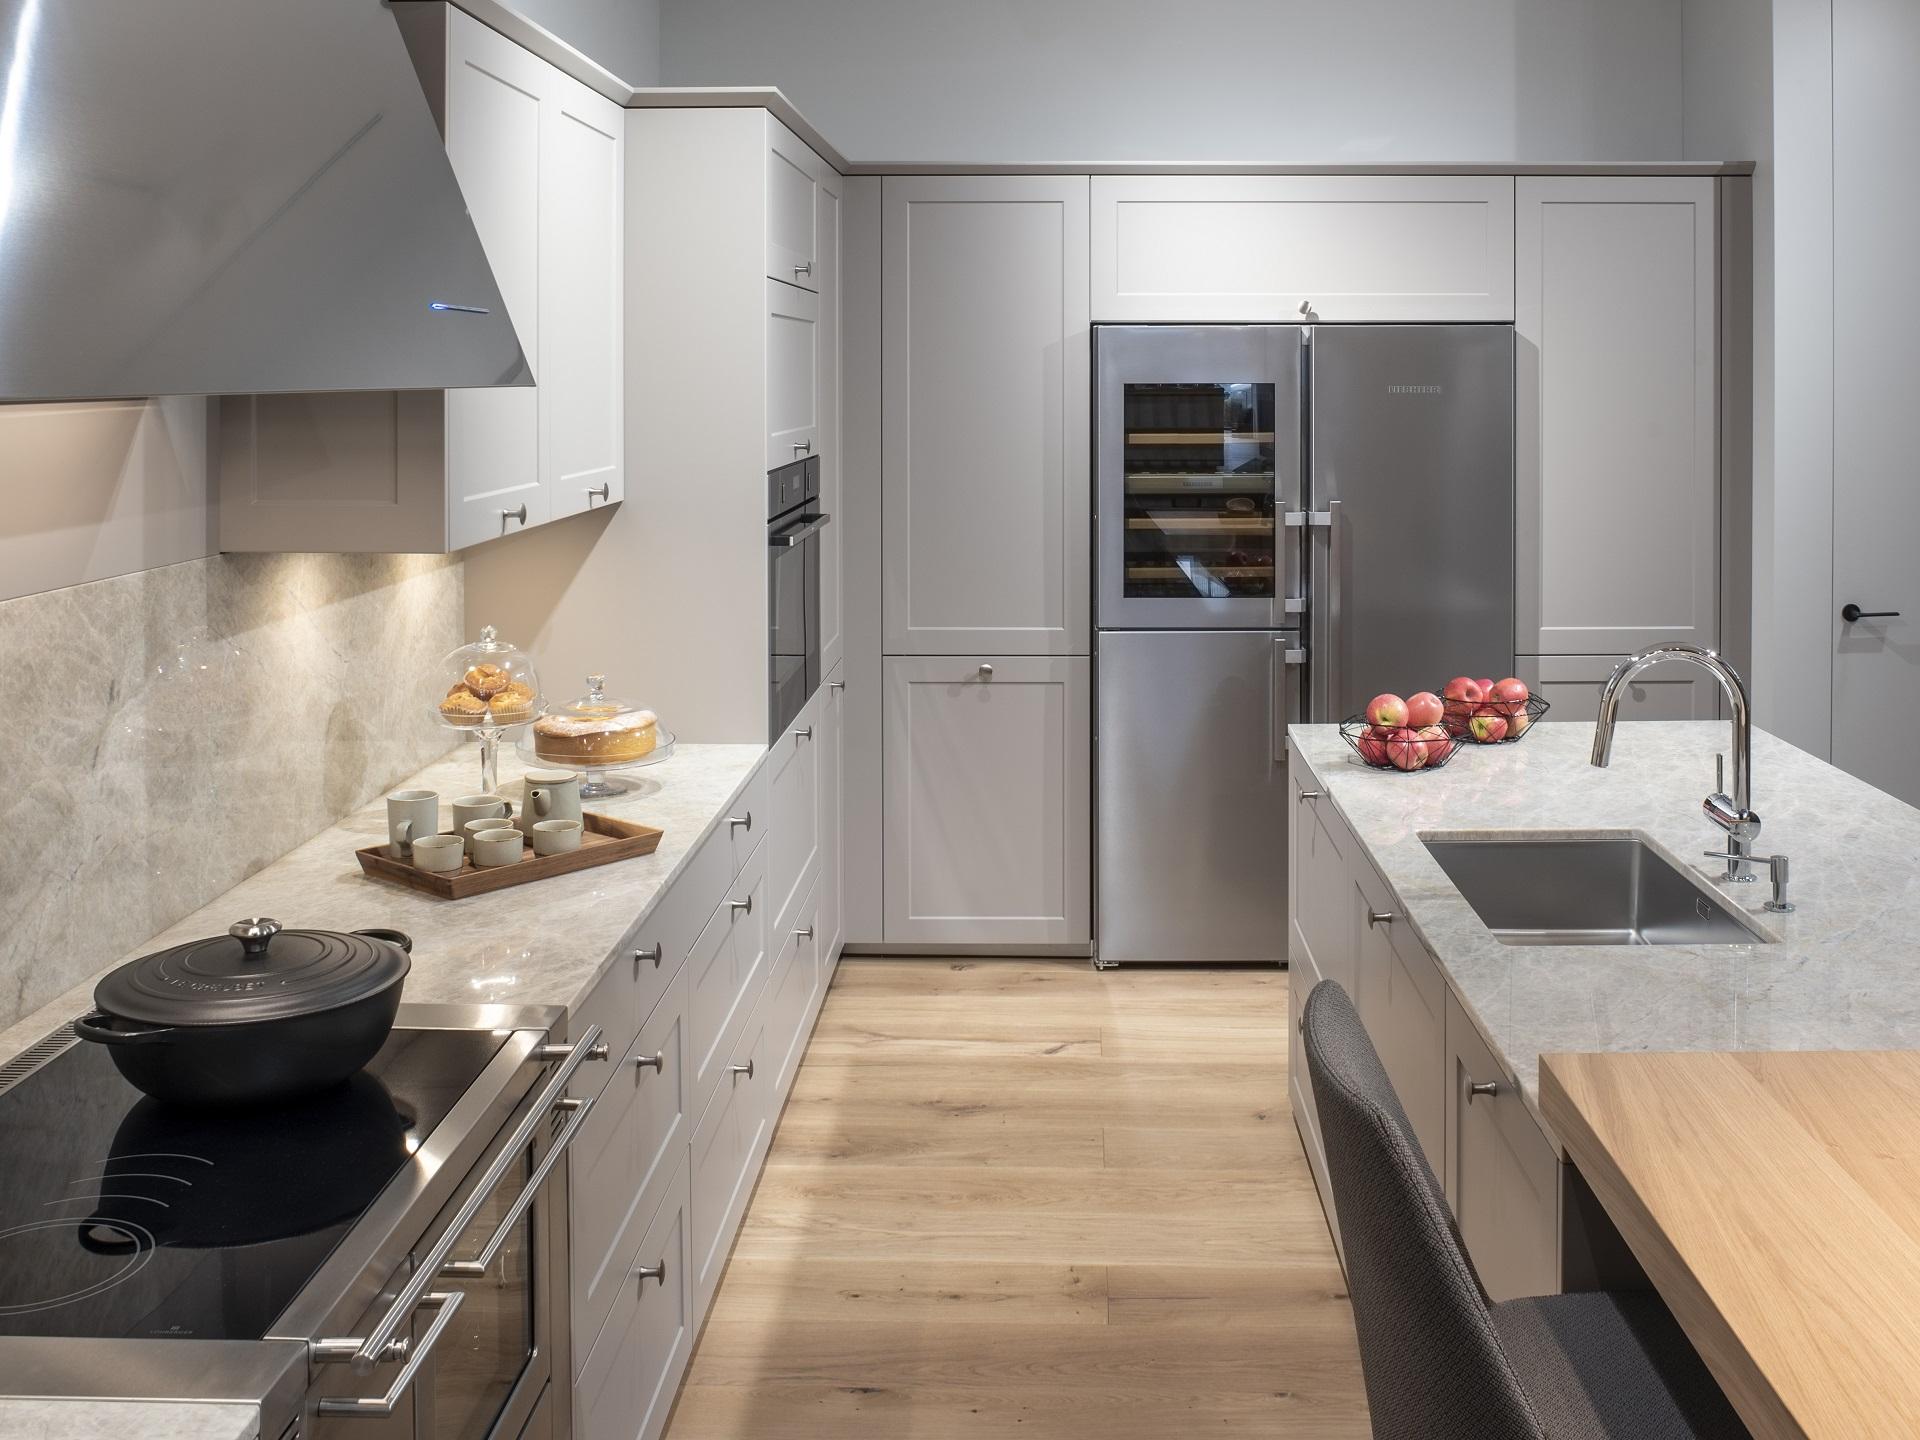 Exposición cocina cocina clásica Santiago Interiores